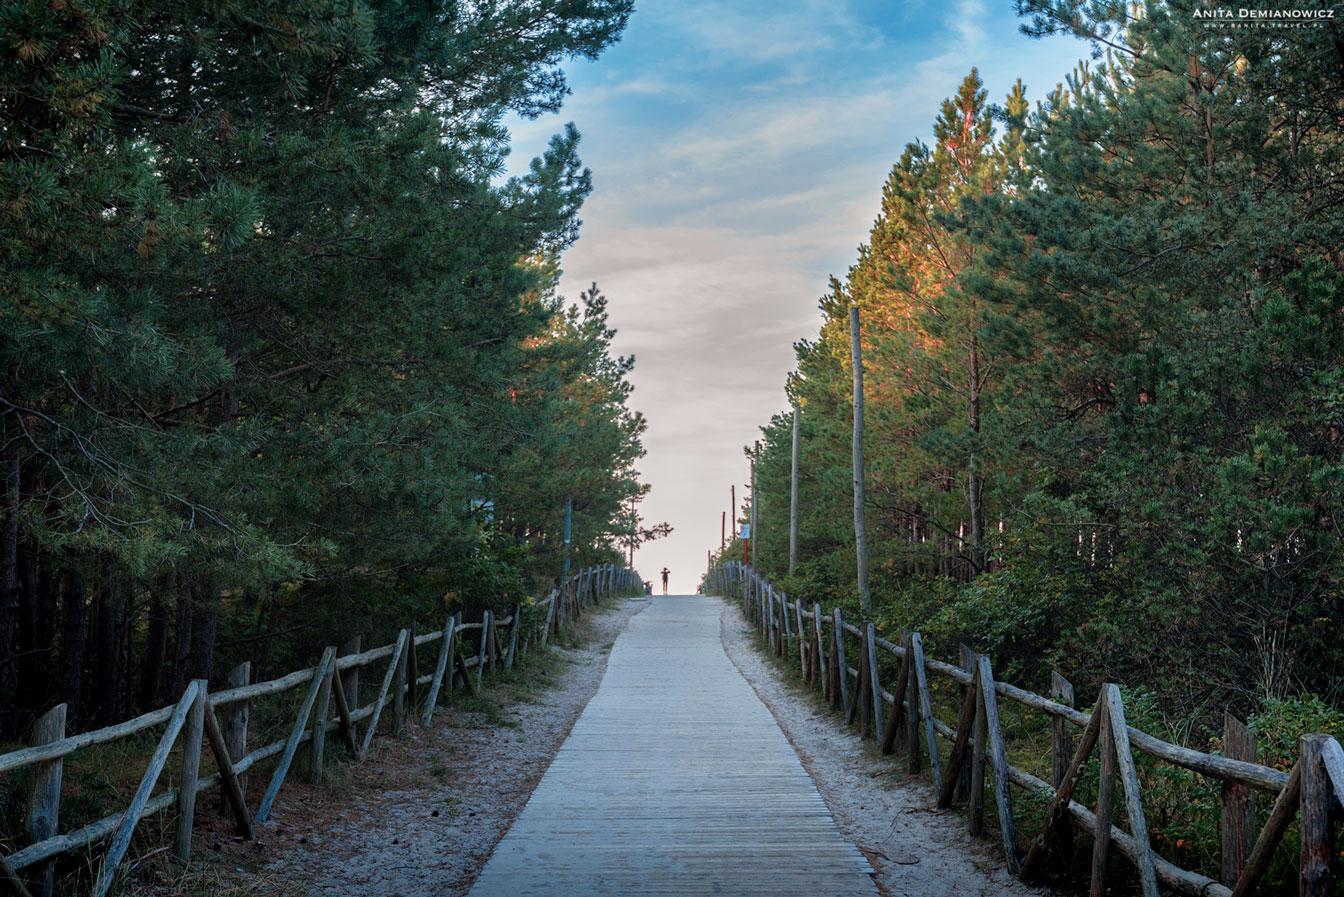 Wejście-na-plaże-w-Białogórzę